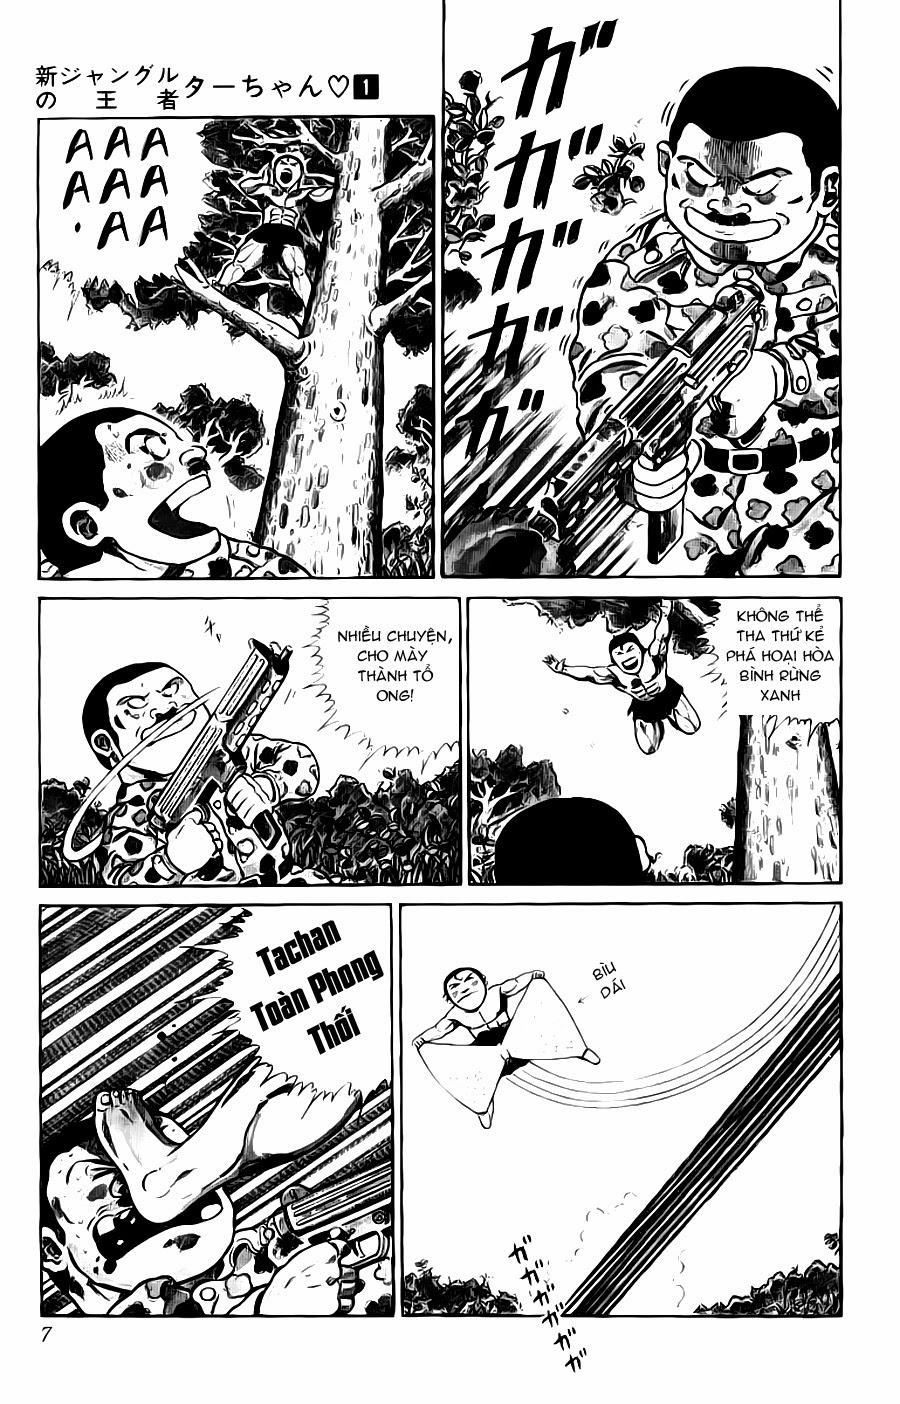 Chúa rừng Ta-chan chapter 113 (new - phần 2 chapter 1) trang 7